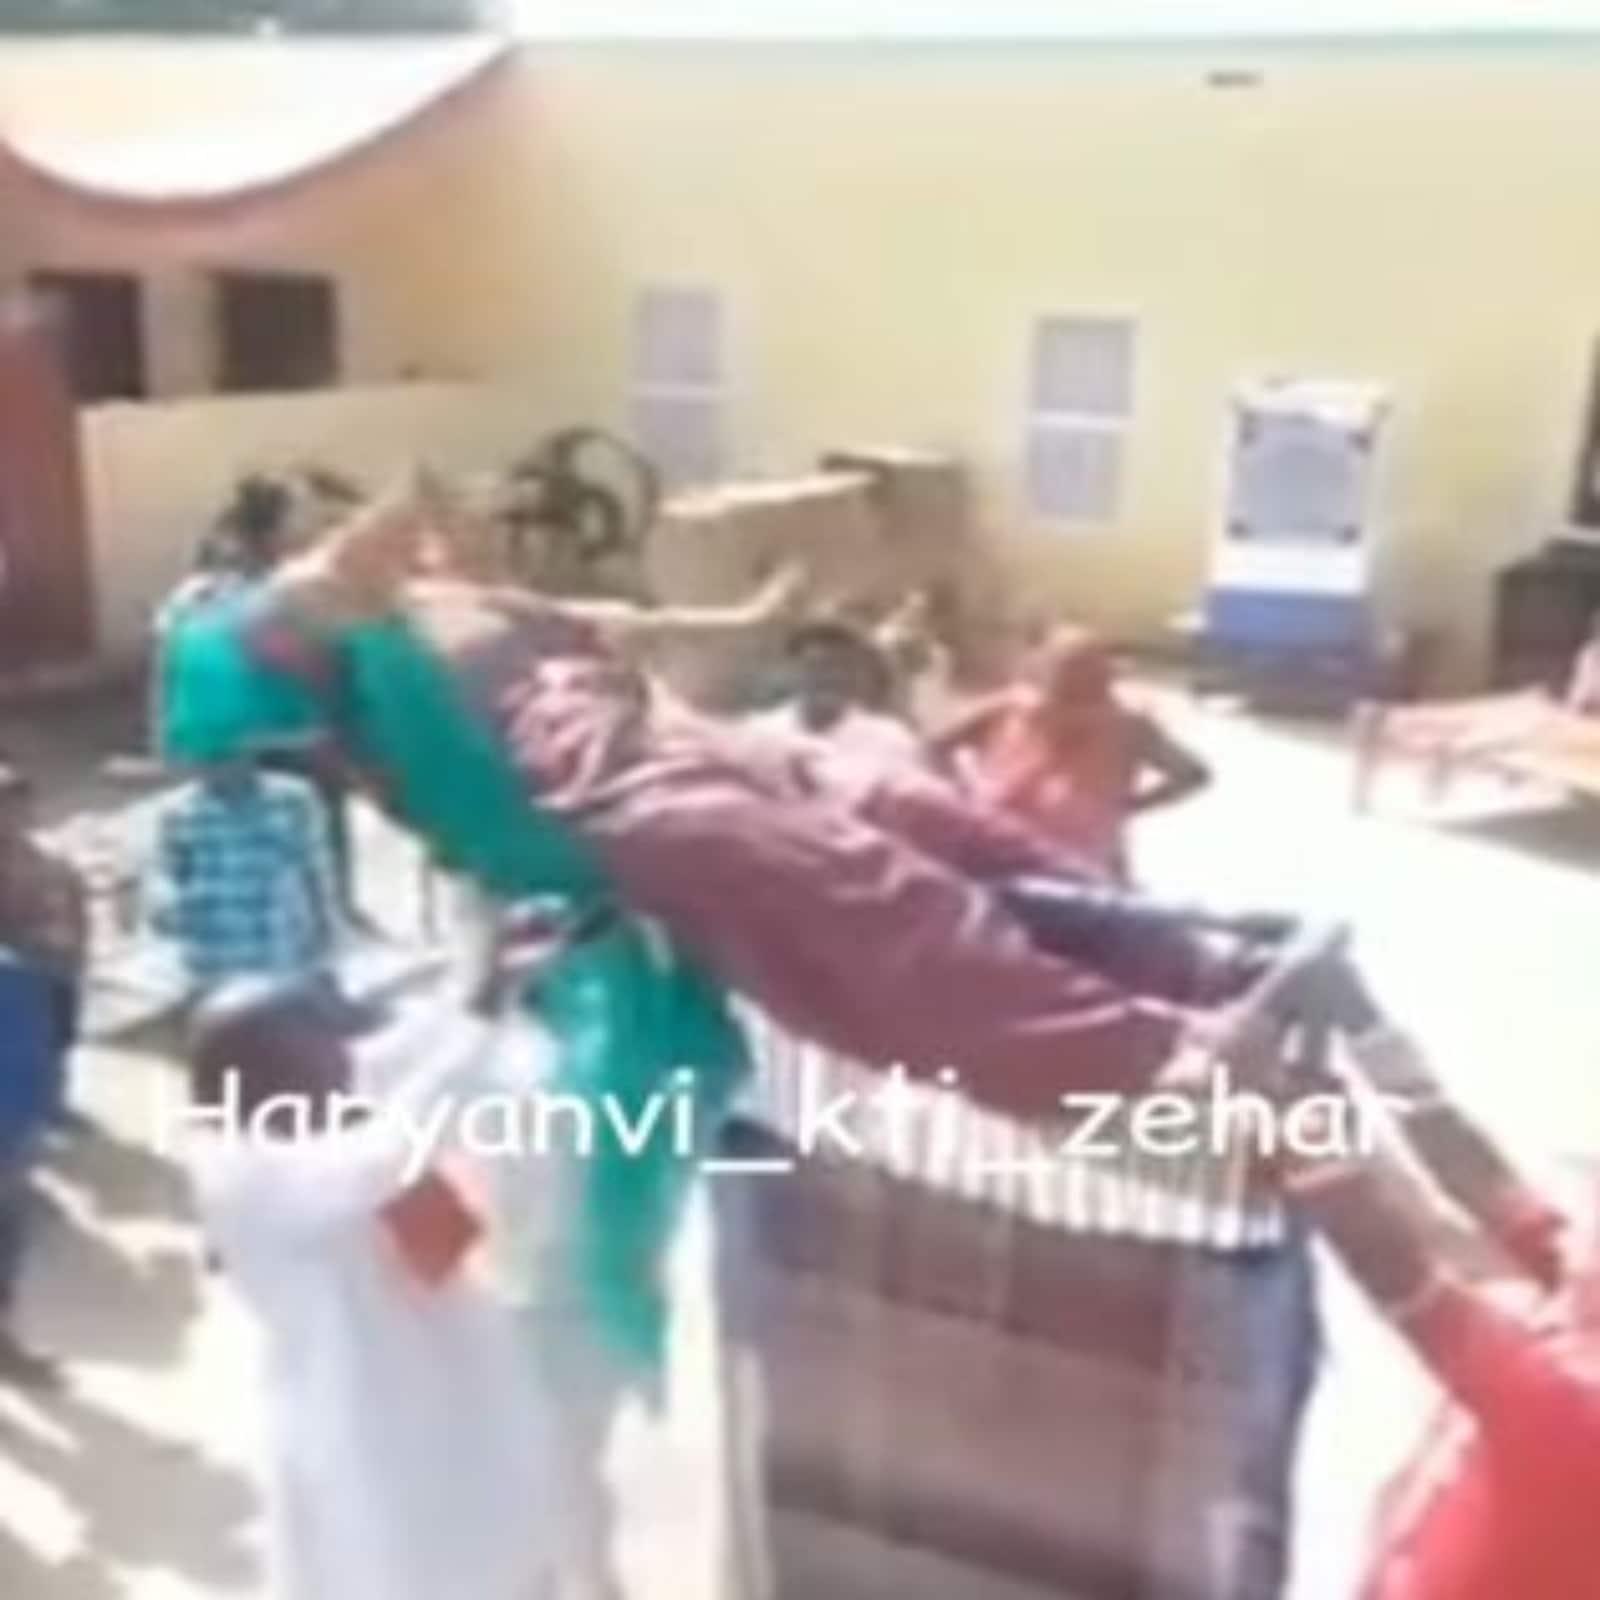 dance on khatiya